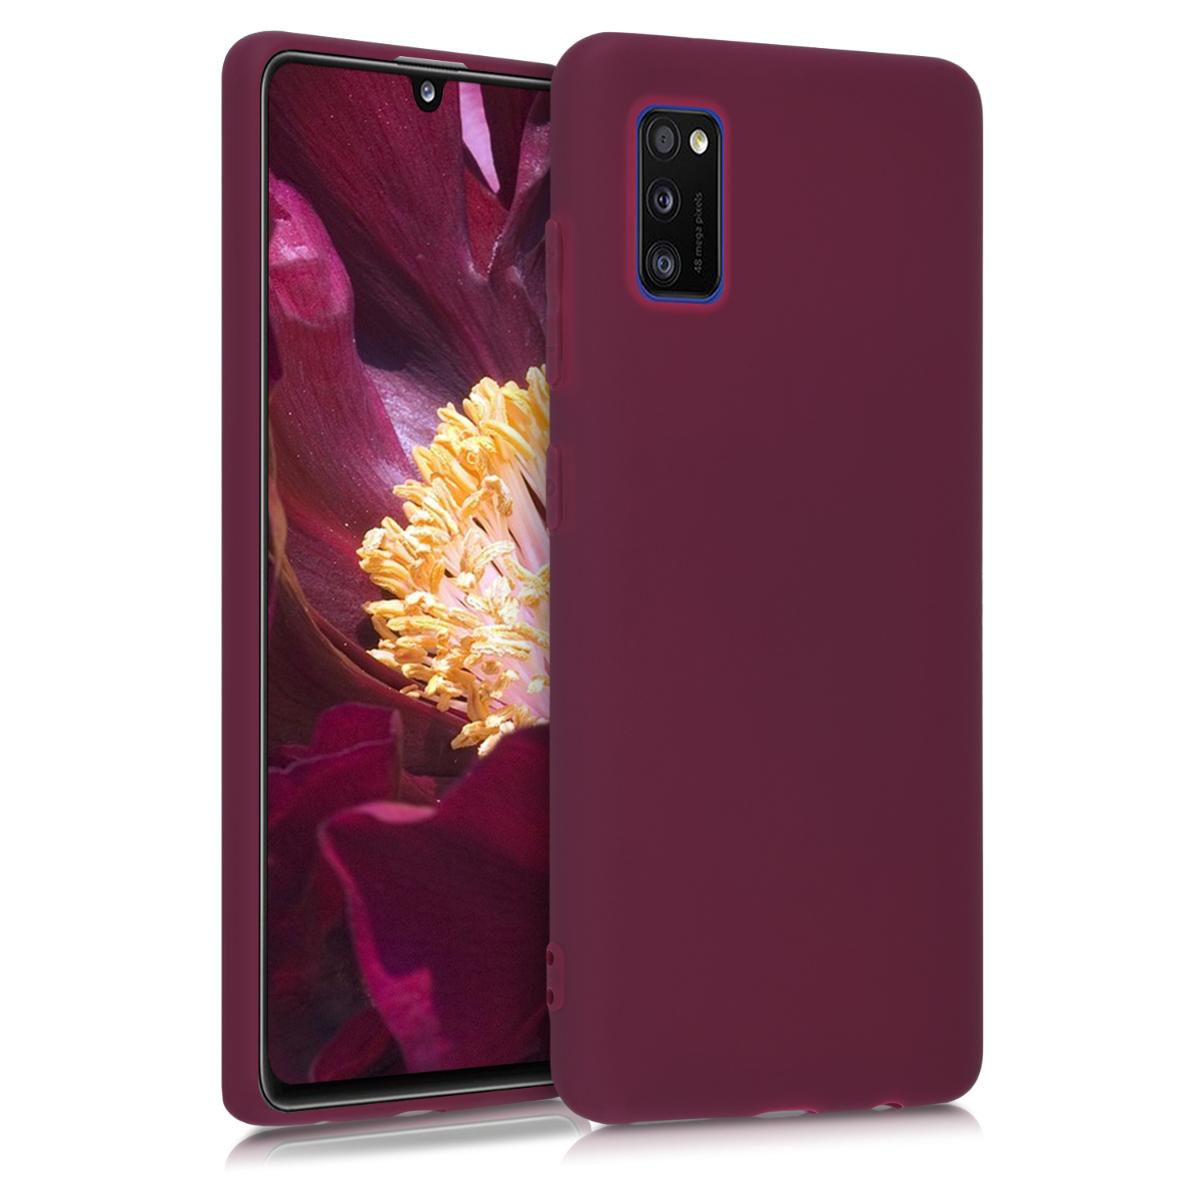 Kvalitní silikonové TPU pouzdro pro Samsung A41 - Bordeaux fialové